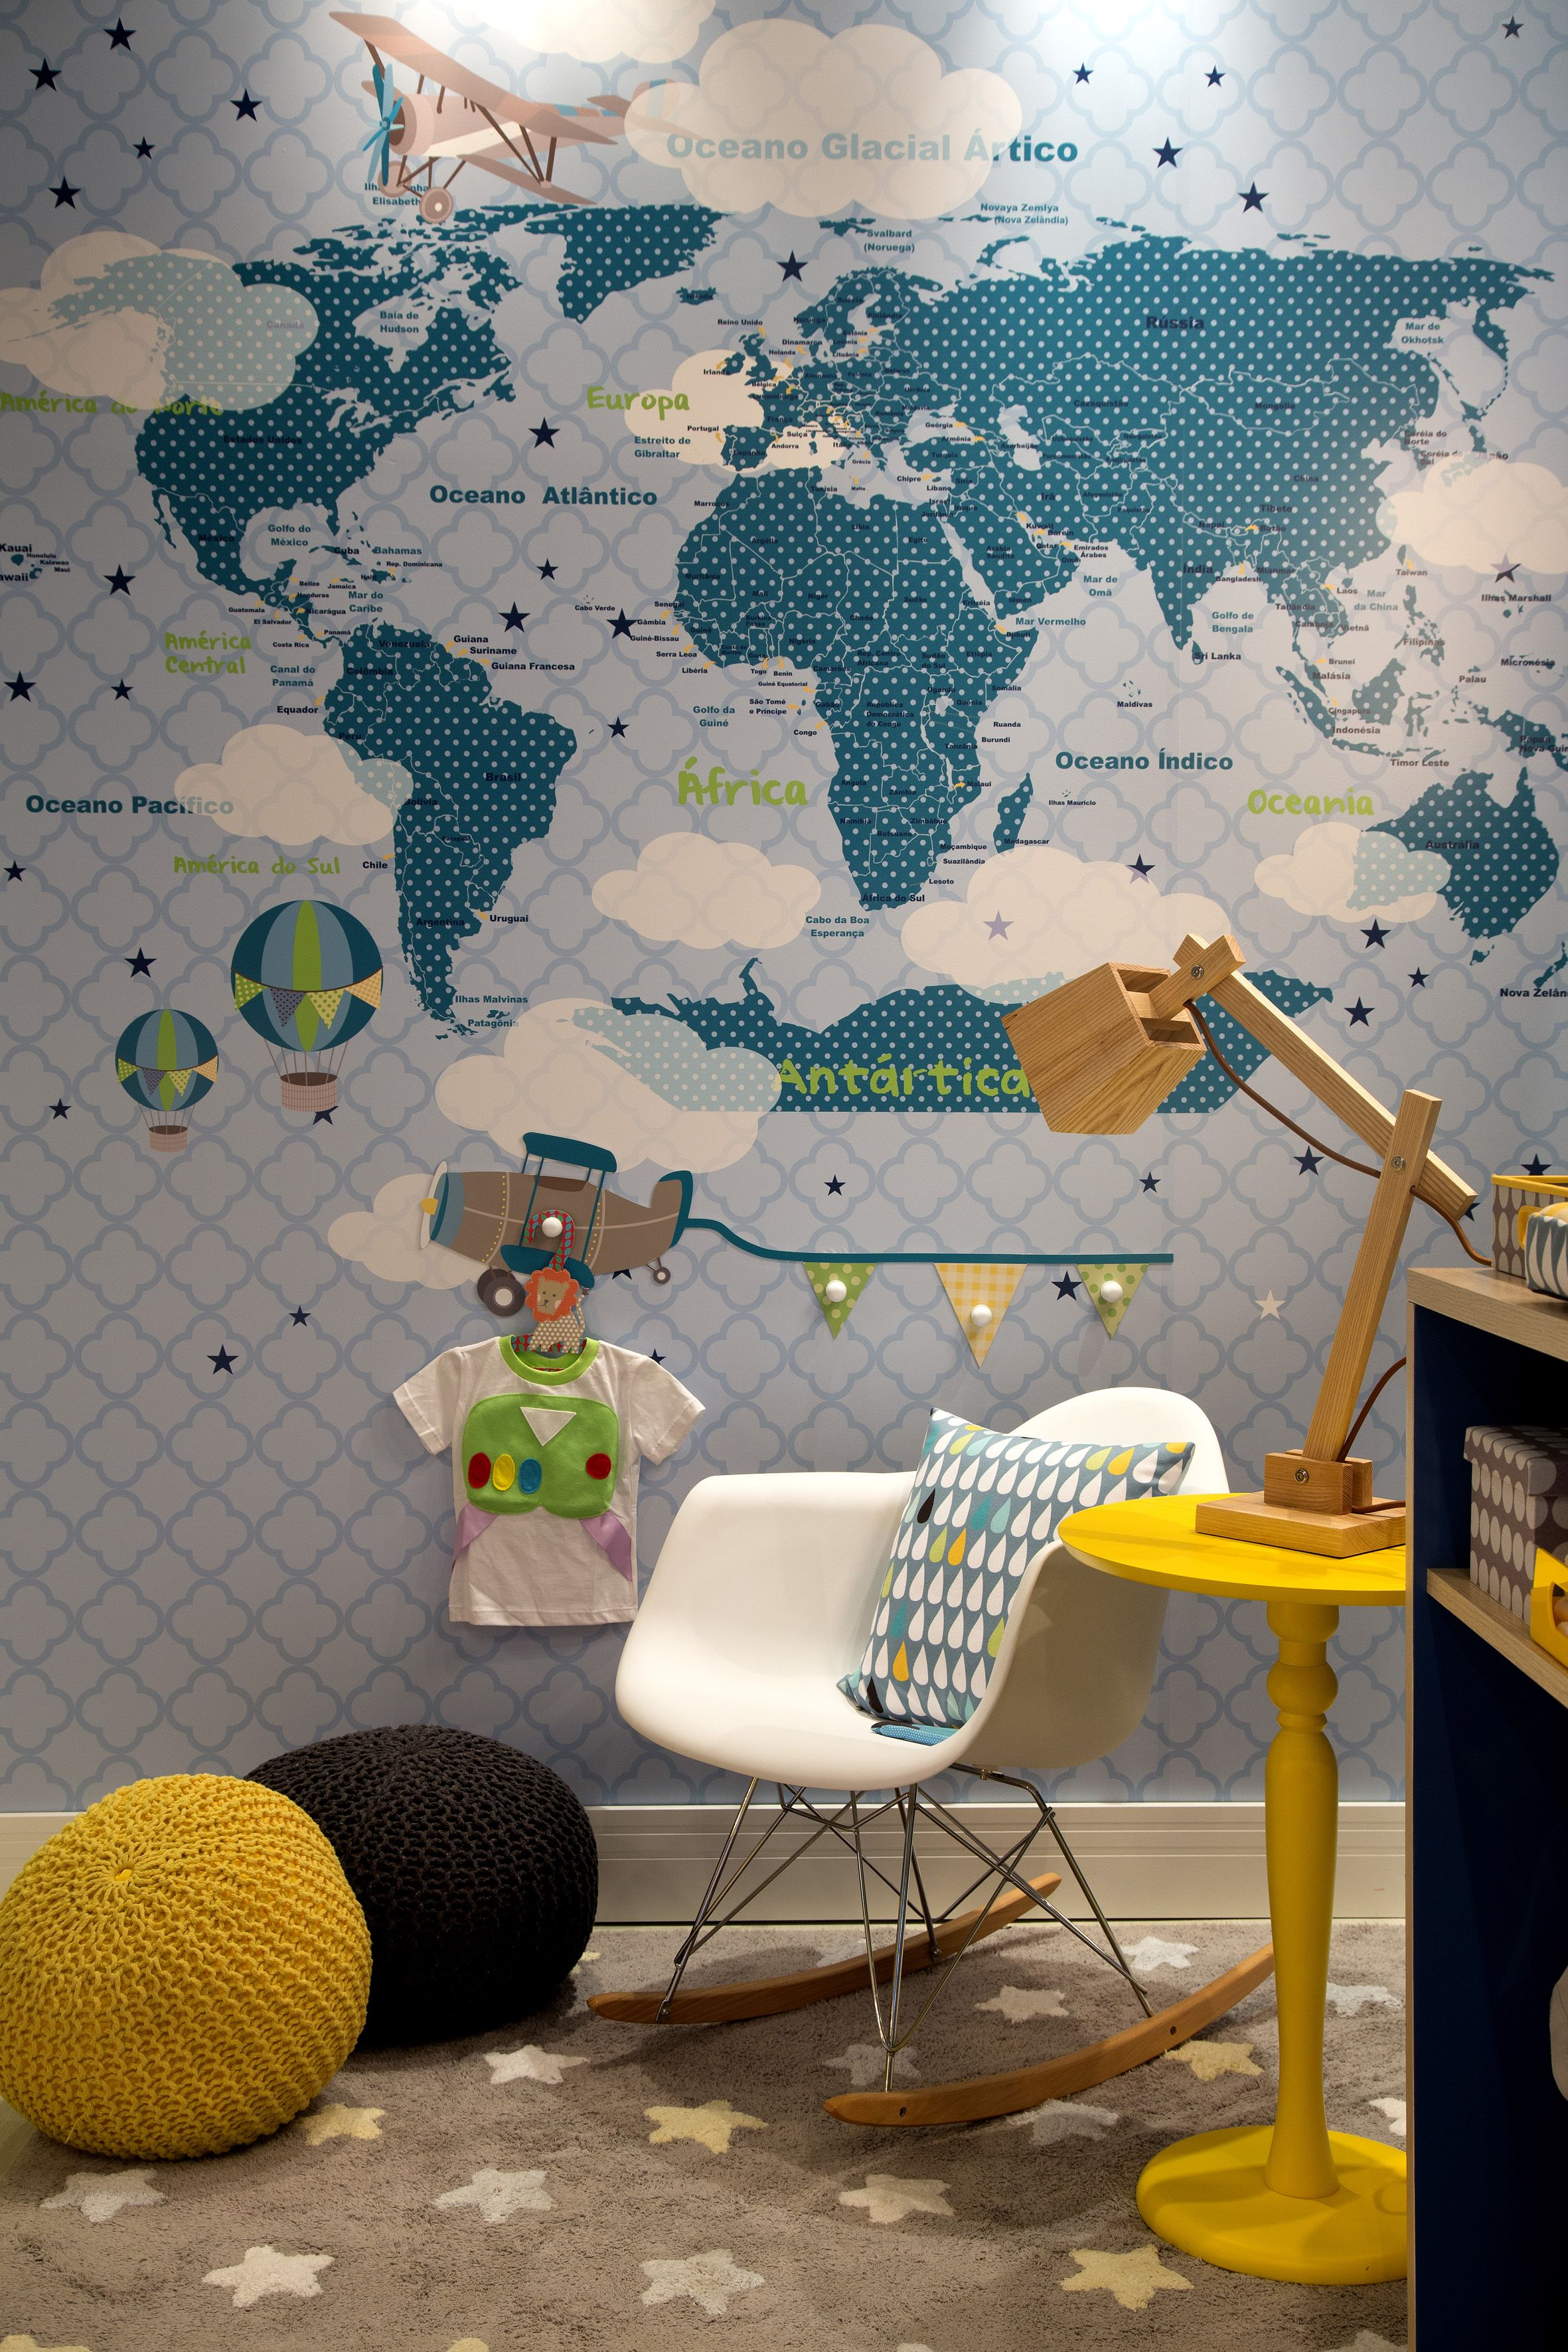 Quarto Do Rafa Mapa Mundi Lindo Favoritos Para A Casa  ~ Organizar Quarto Muito Bagunçado Com Tema Quarto De Bebe Feminino